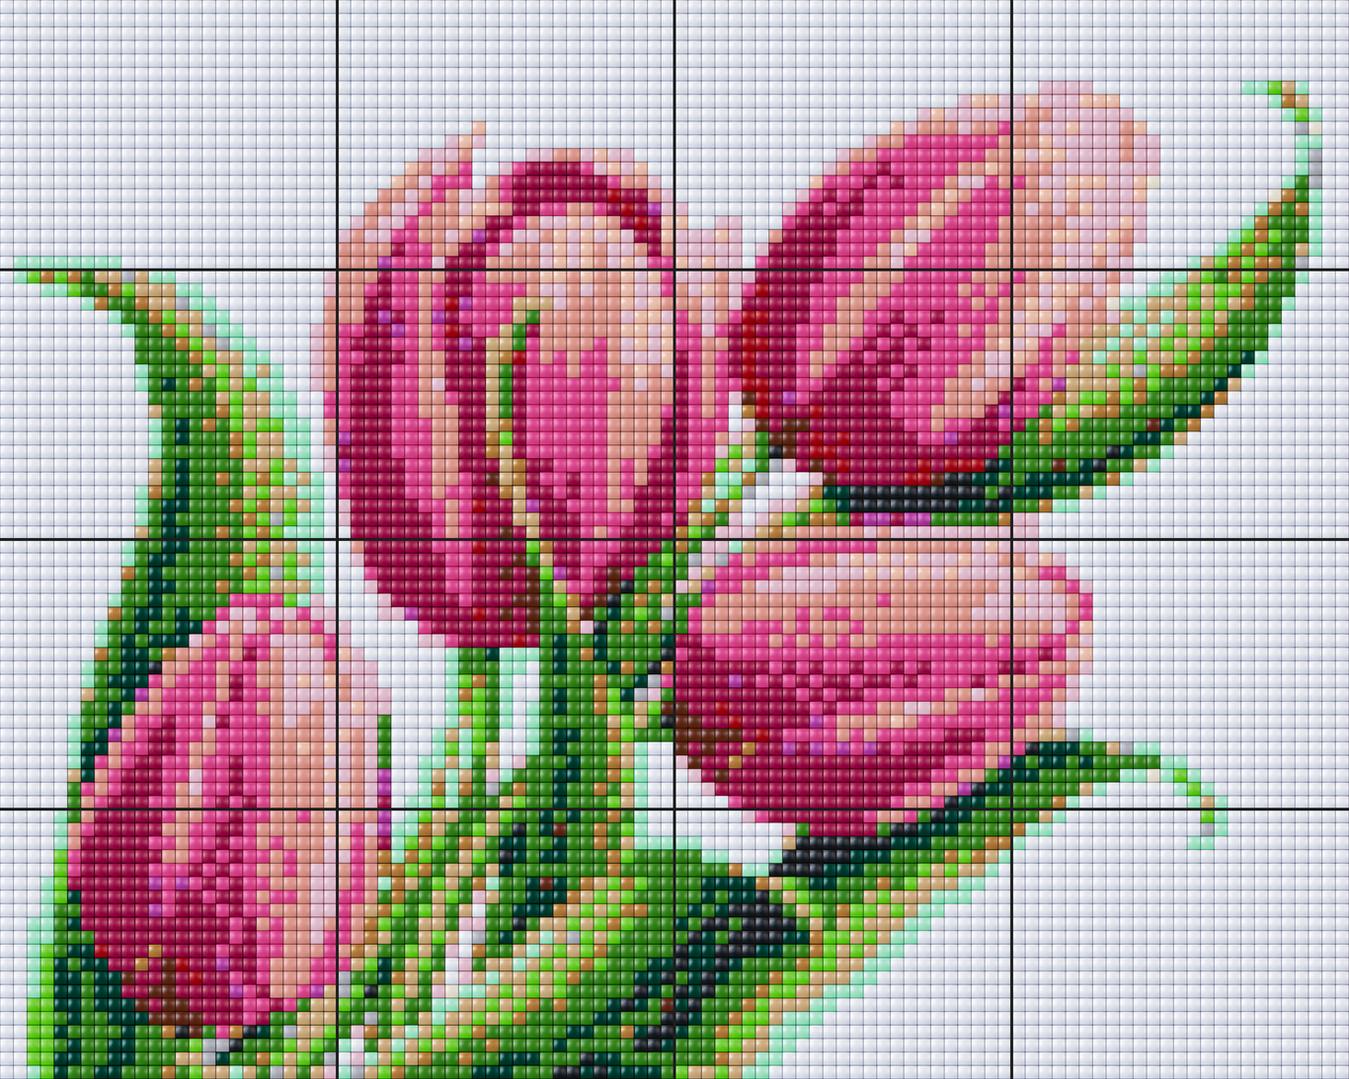 Tulpen_Flowers_Liz_4x4L_80x100_XL.png